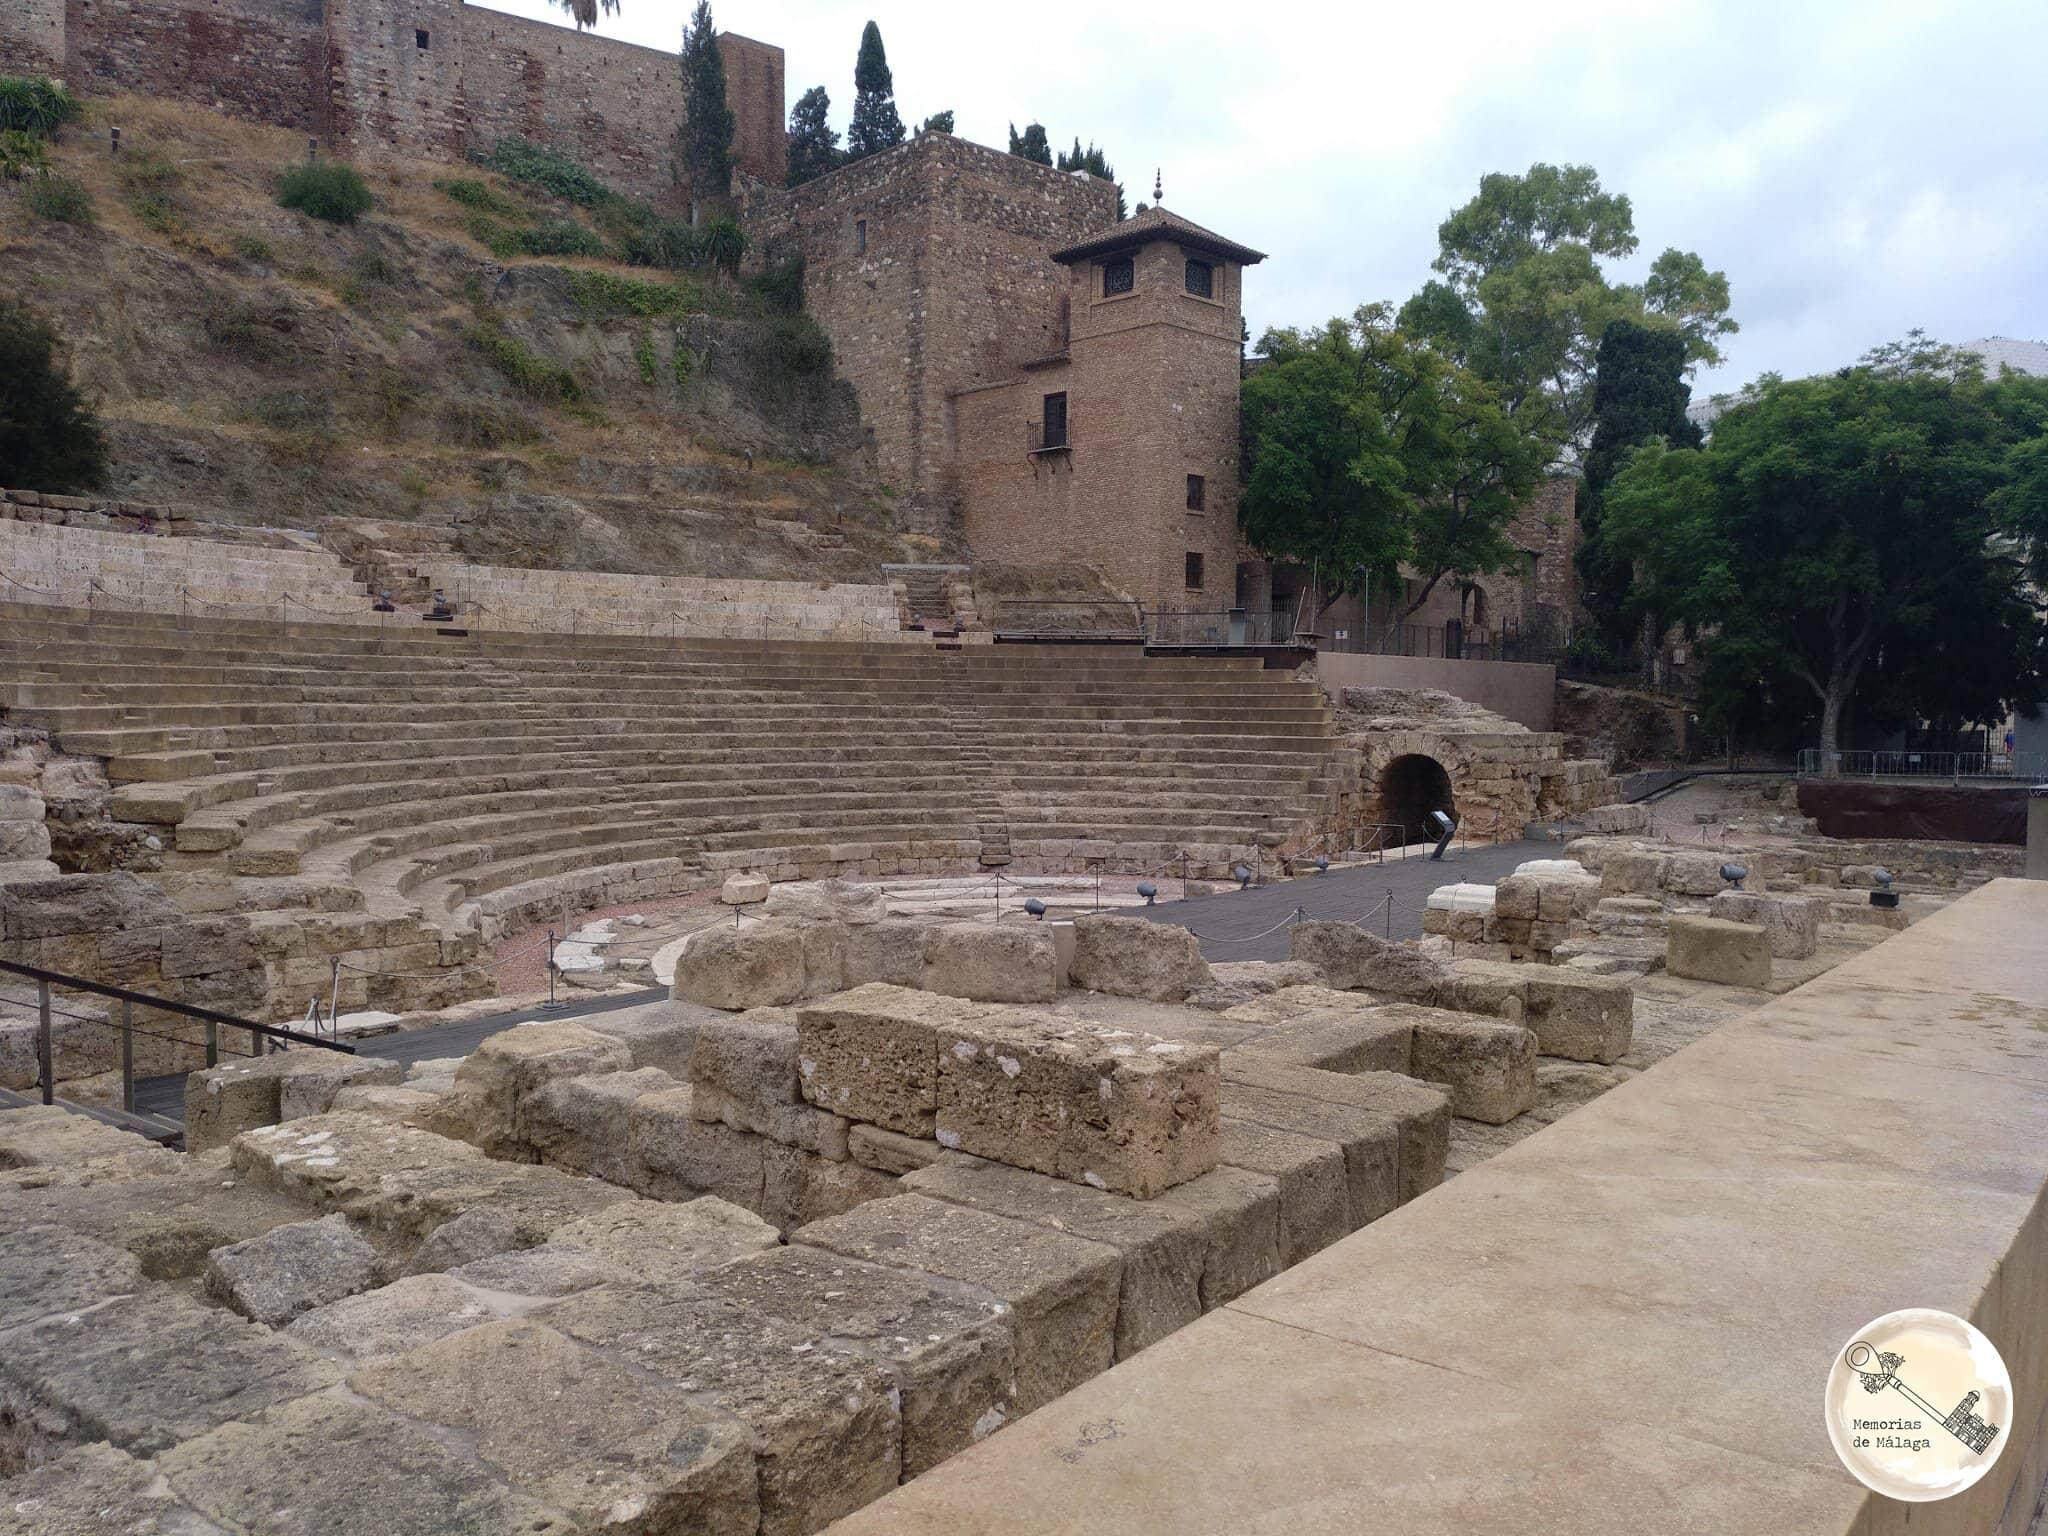 Teatro romano de Málaga Memorias de Málaga